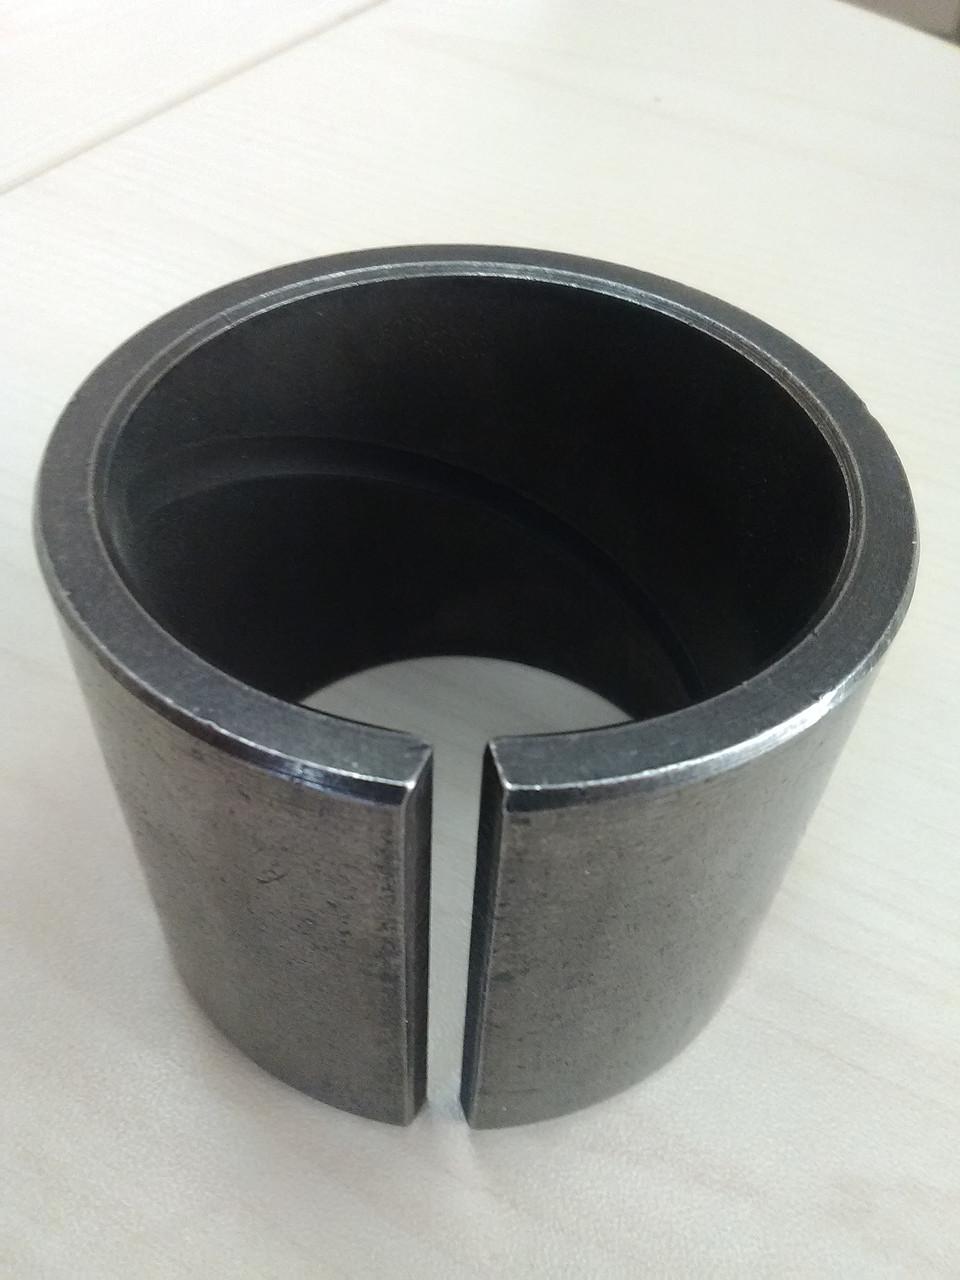 Расширение ассортимента втулок из пружинной стали